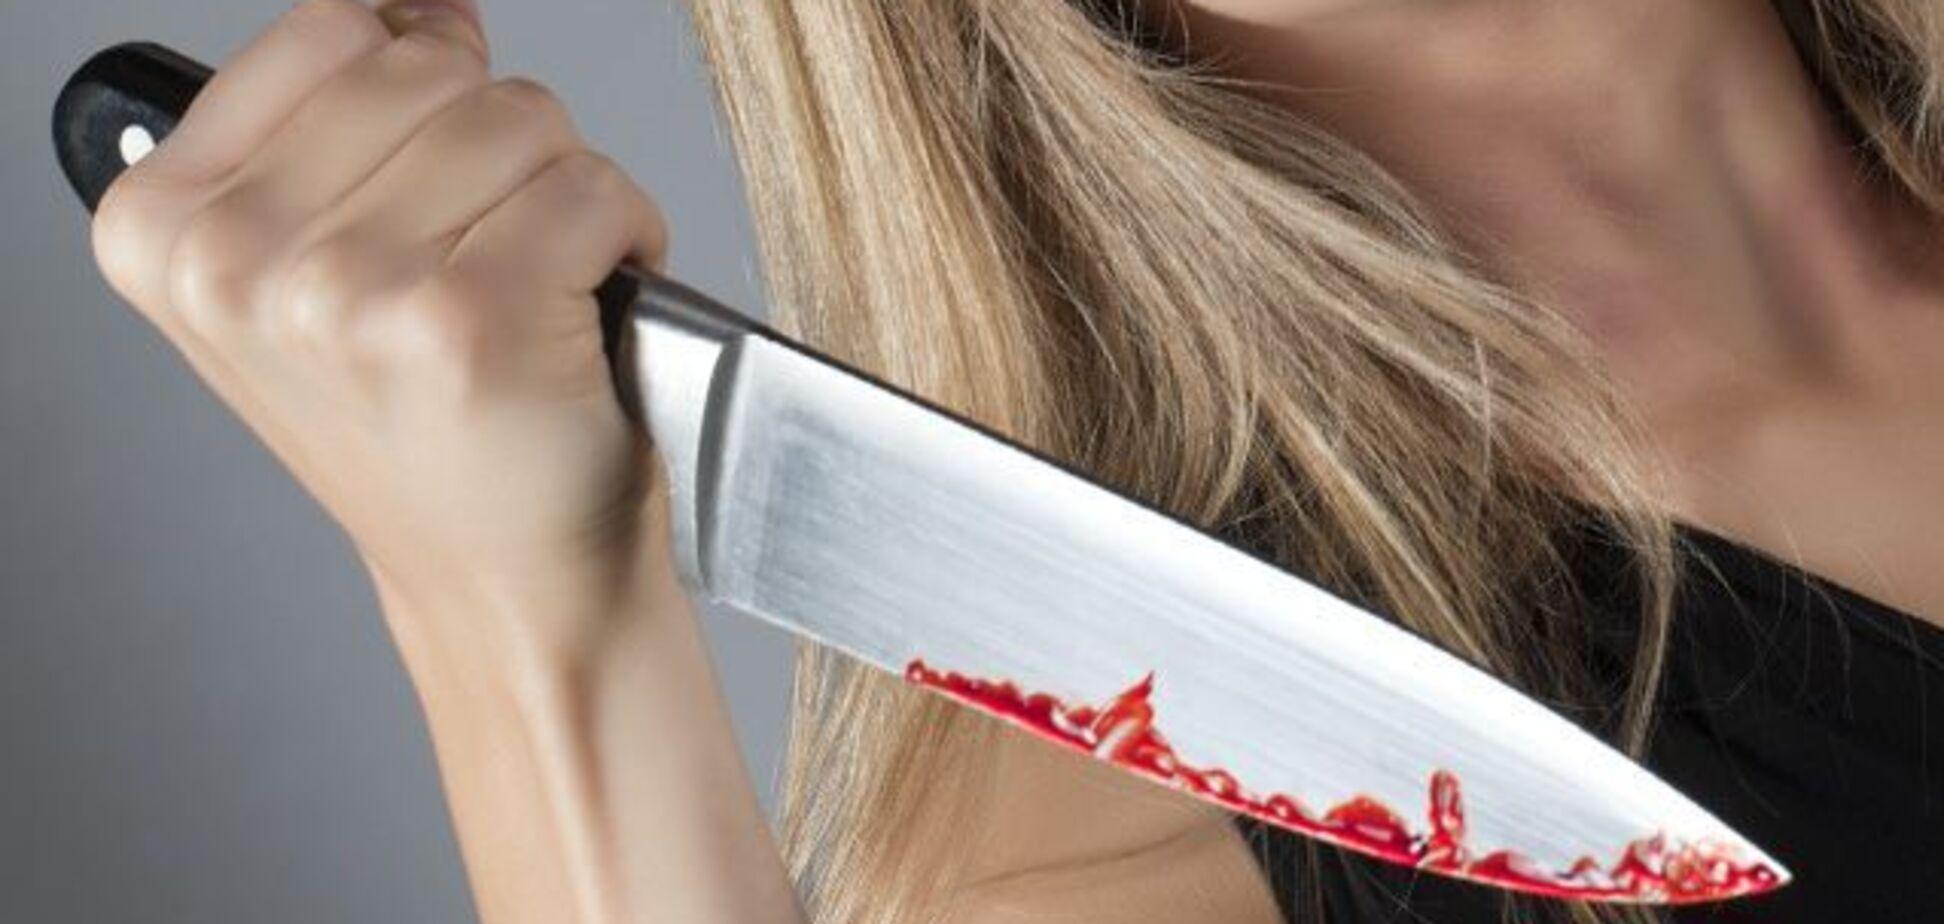 Порізала ножем: в Дніпрі жінка жорстоко вбила співмешканця